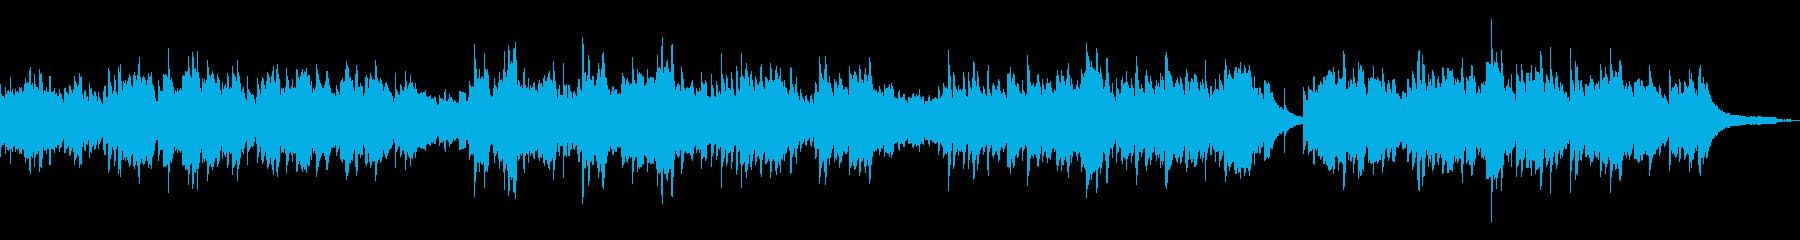 室内楽 アンビエントミュージック ...の再生済みの波形